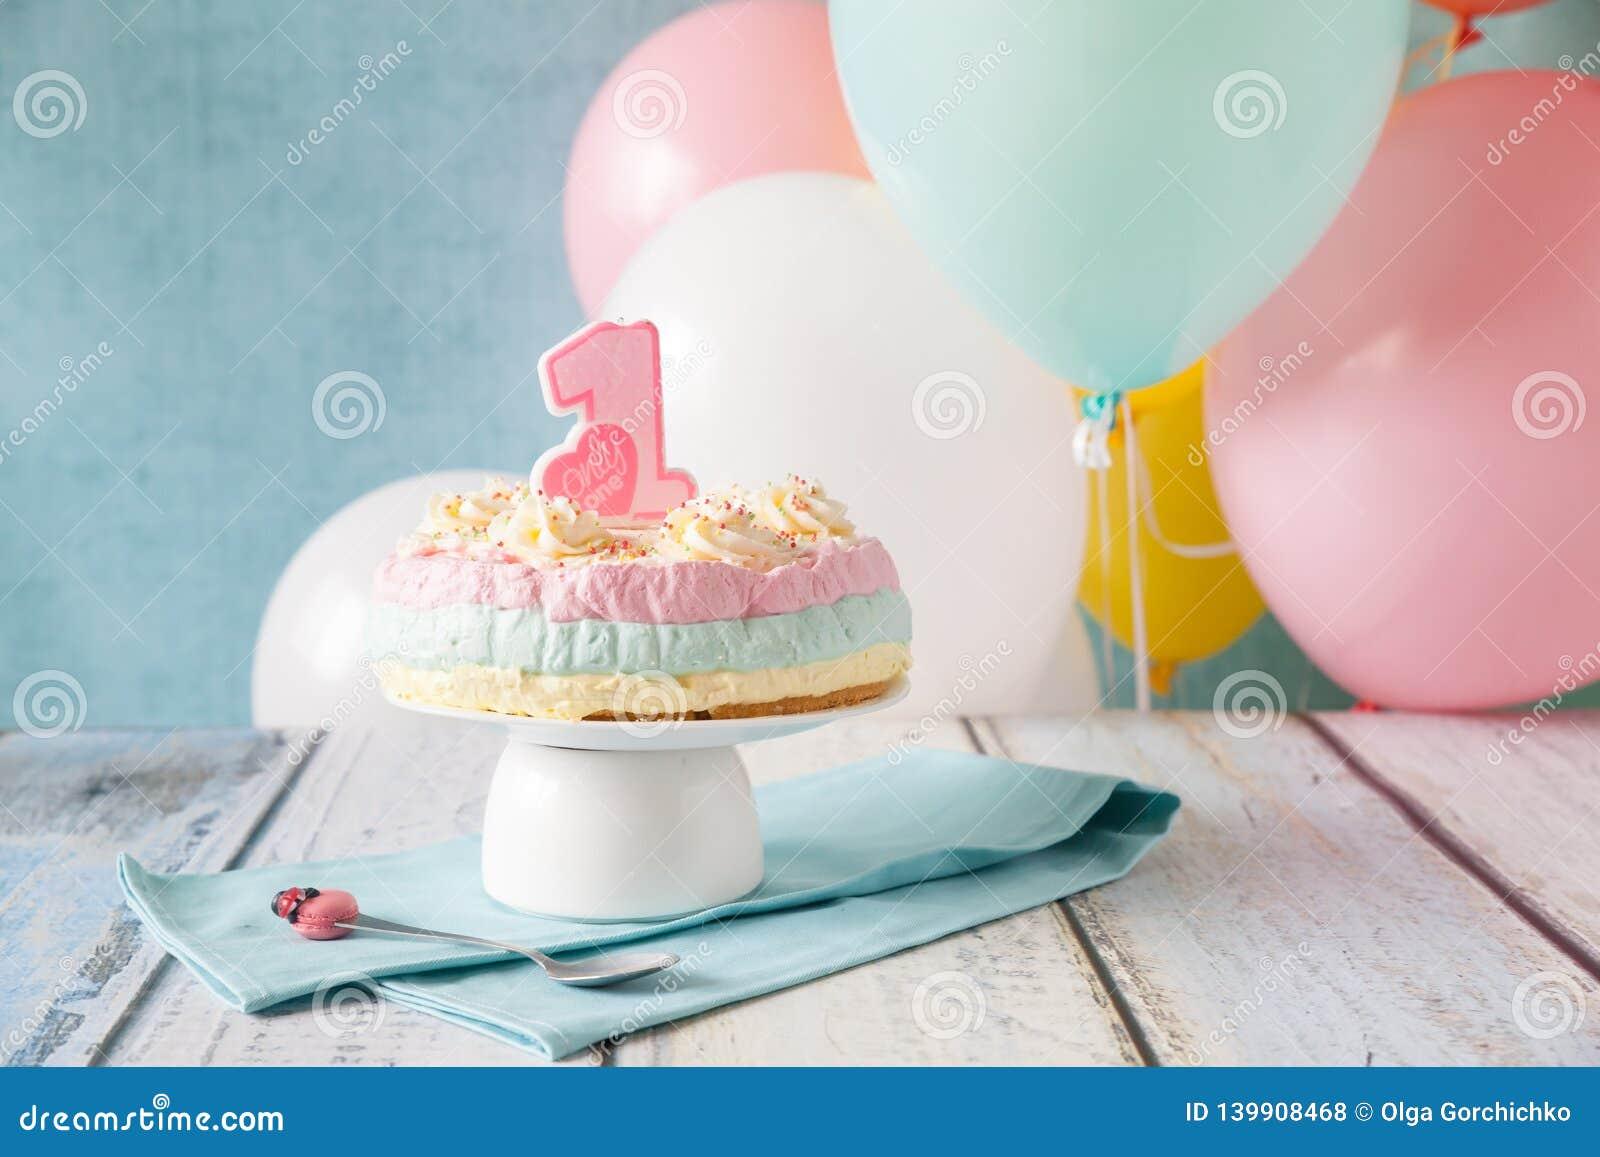 Pastel de queso en colores pastel acodado multi para el primer cumpleaños